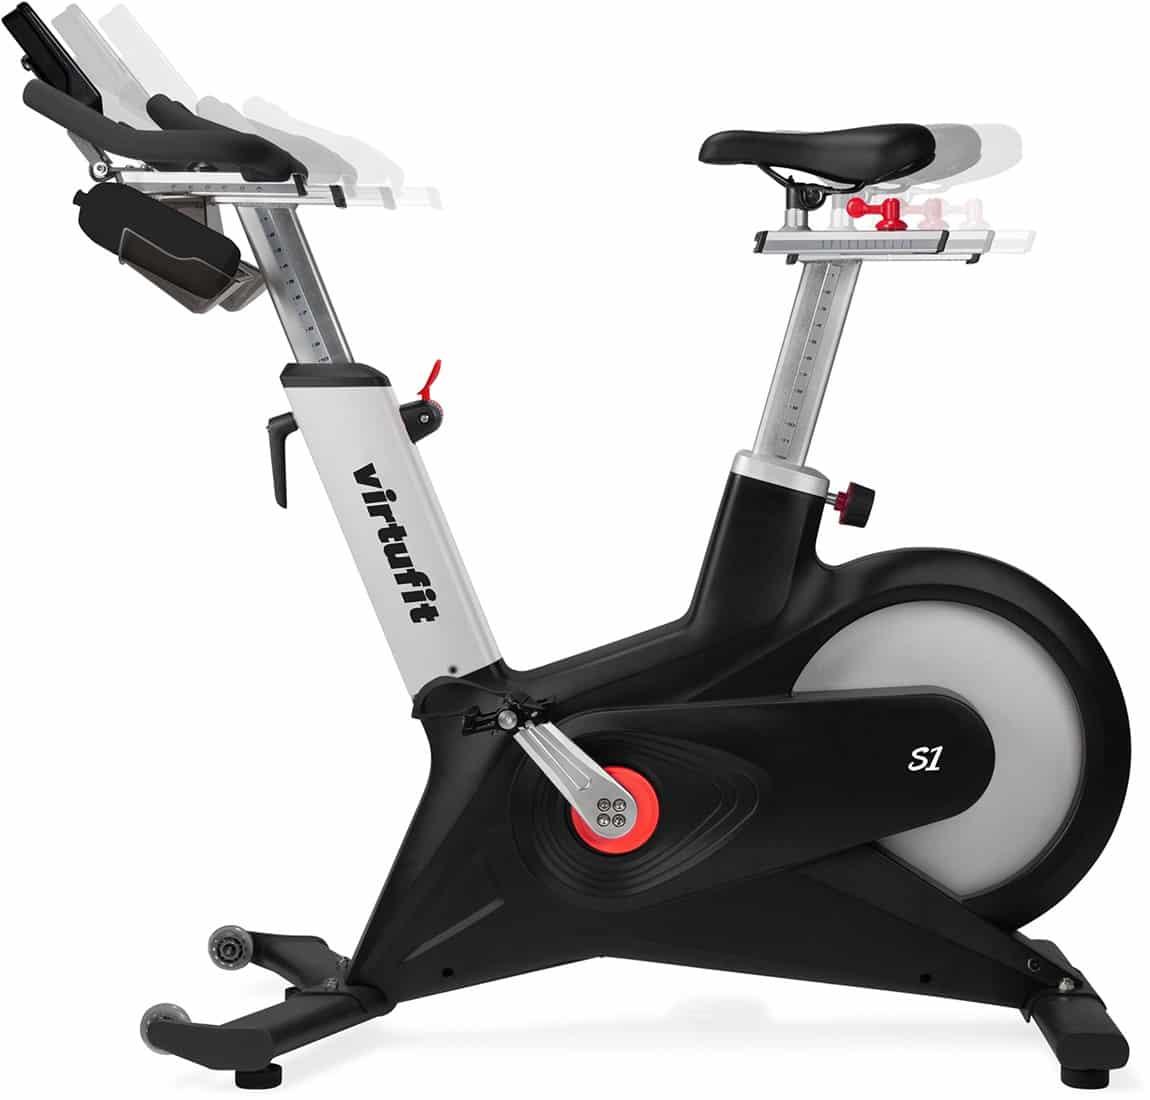 virtufit-indoor-cycle-s1-spinningfiets-verstelbaar-stuur-zadel